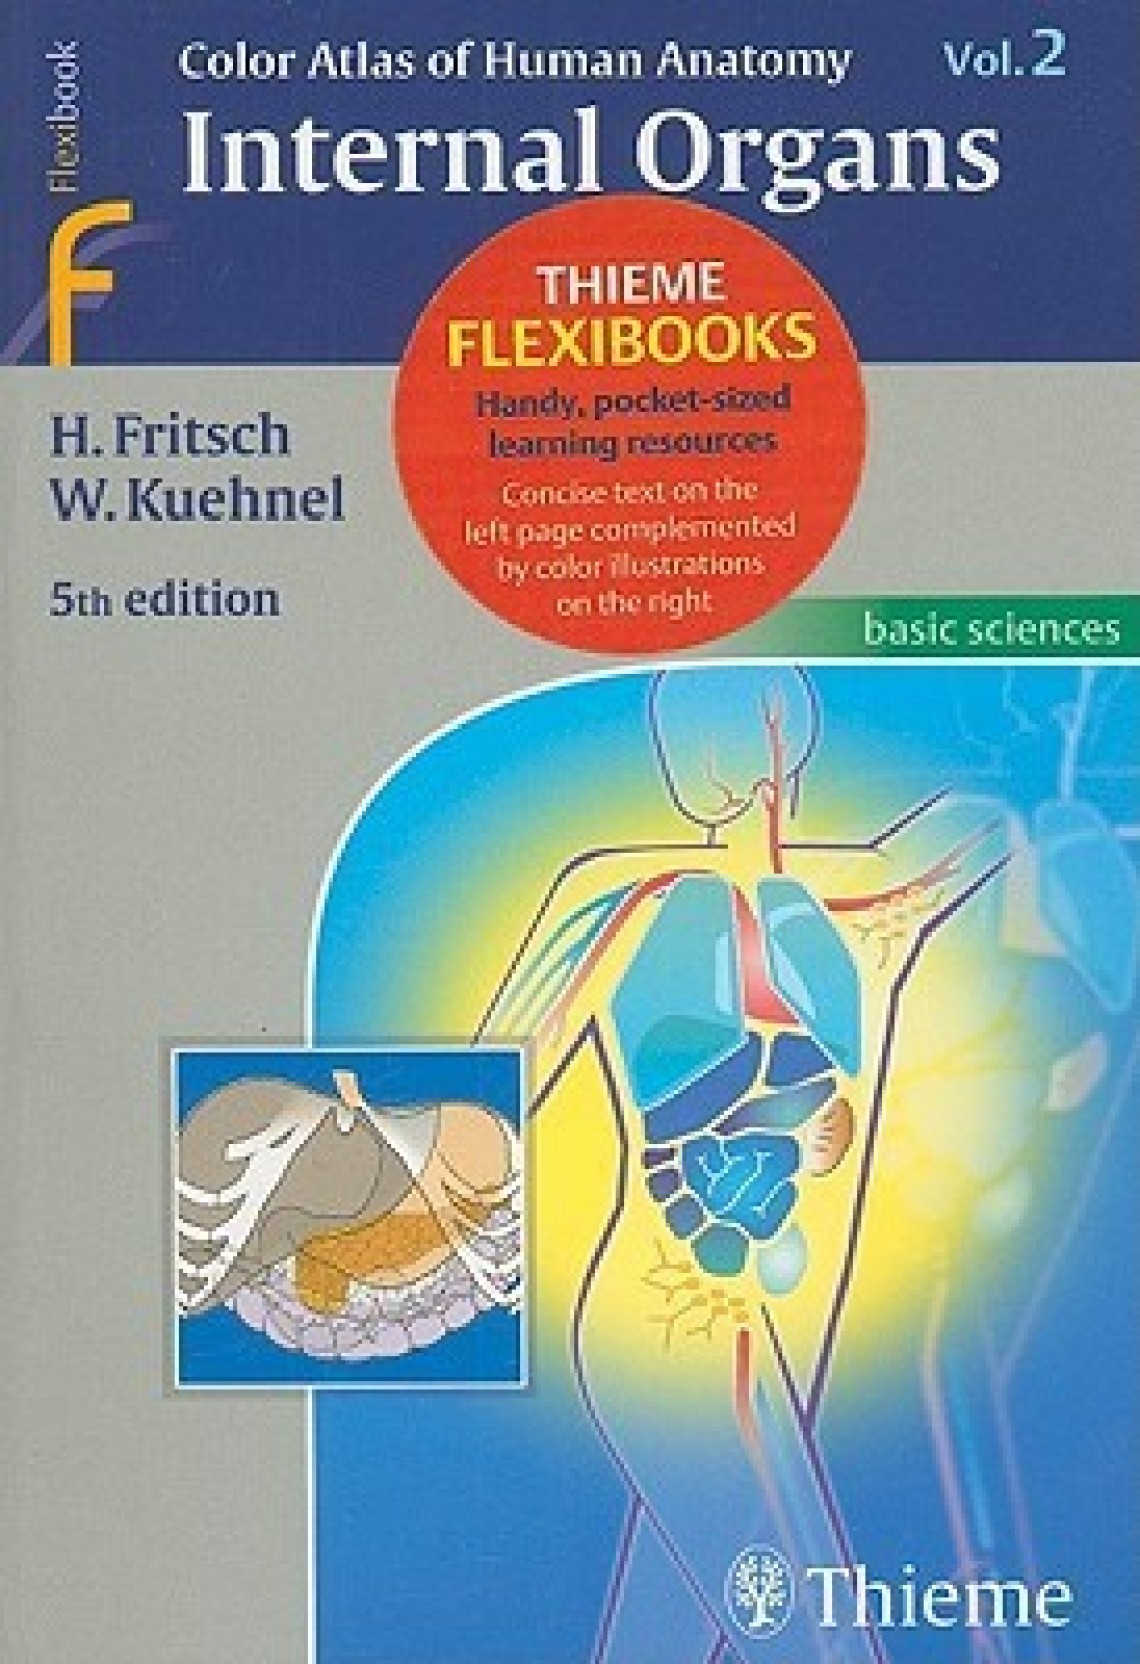 Color Atlas Of Human Anatomy Vol 2 Buy Color Atlas Of Human